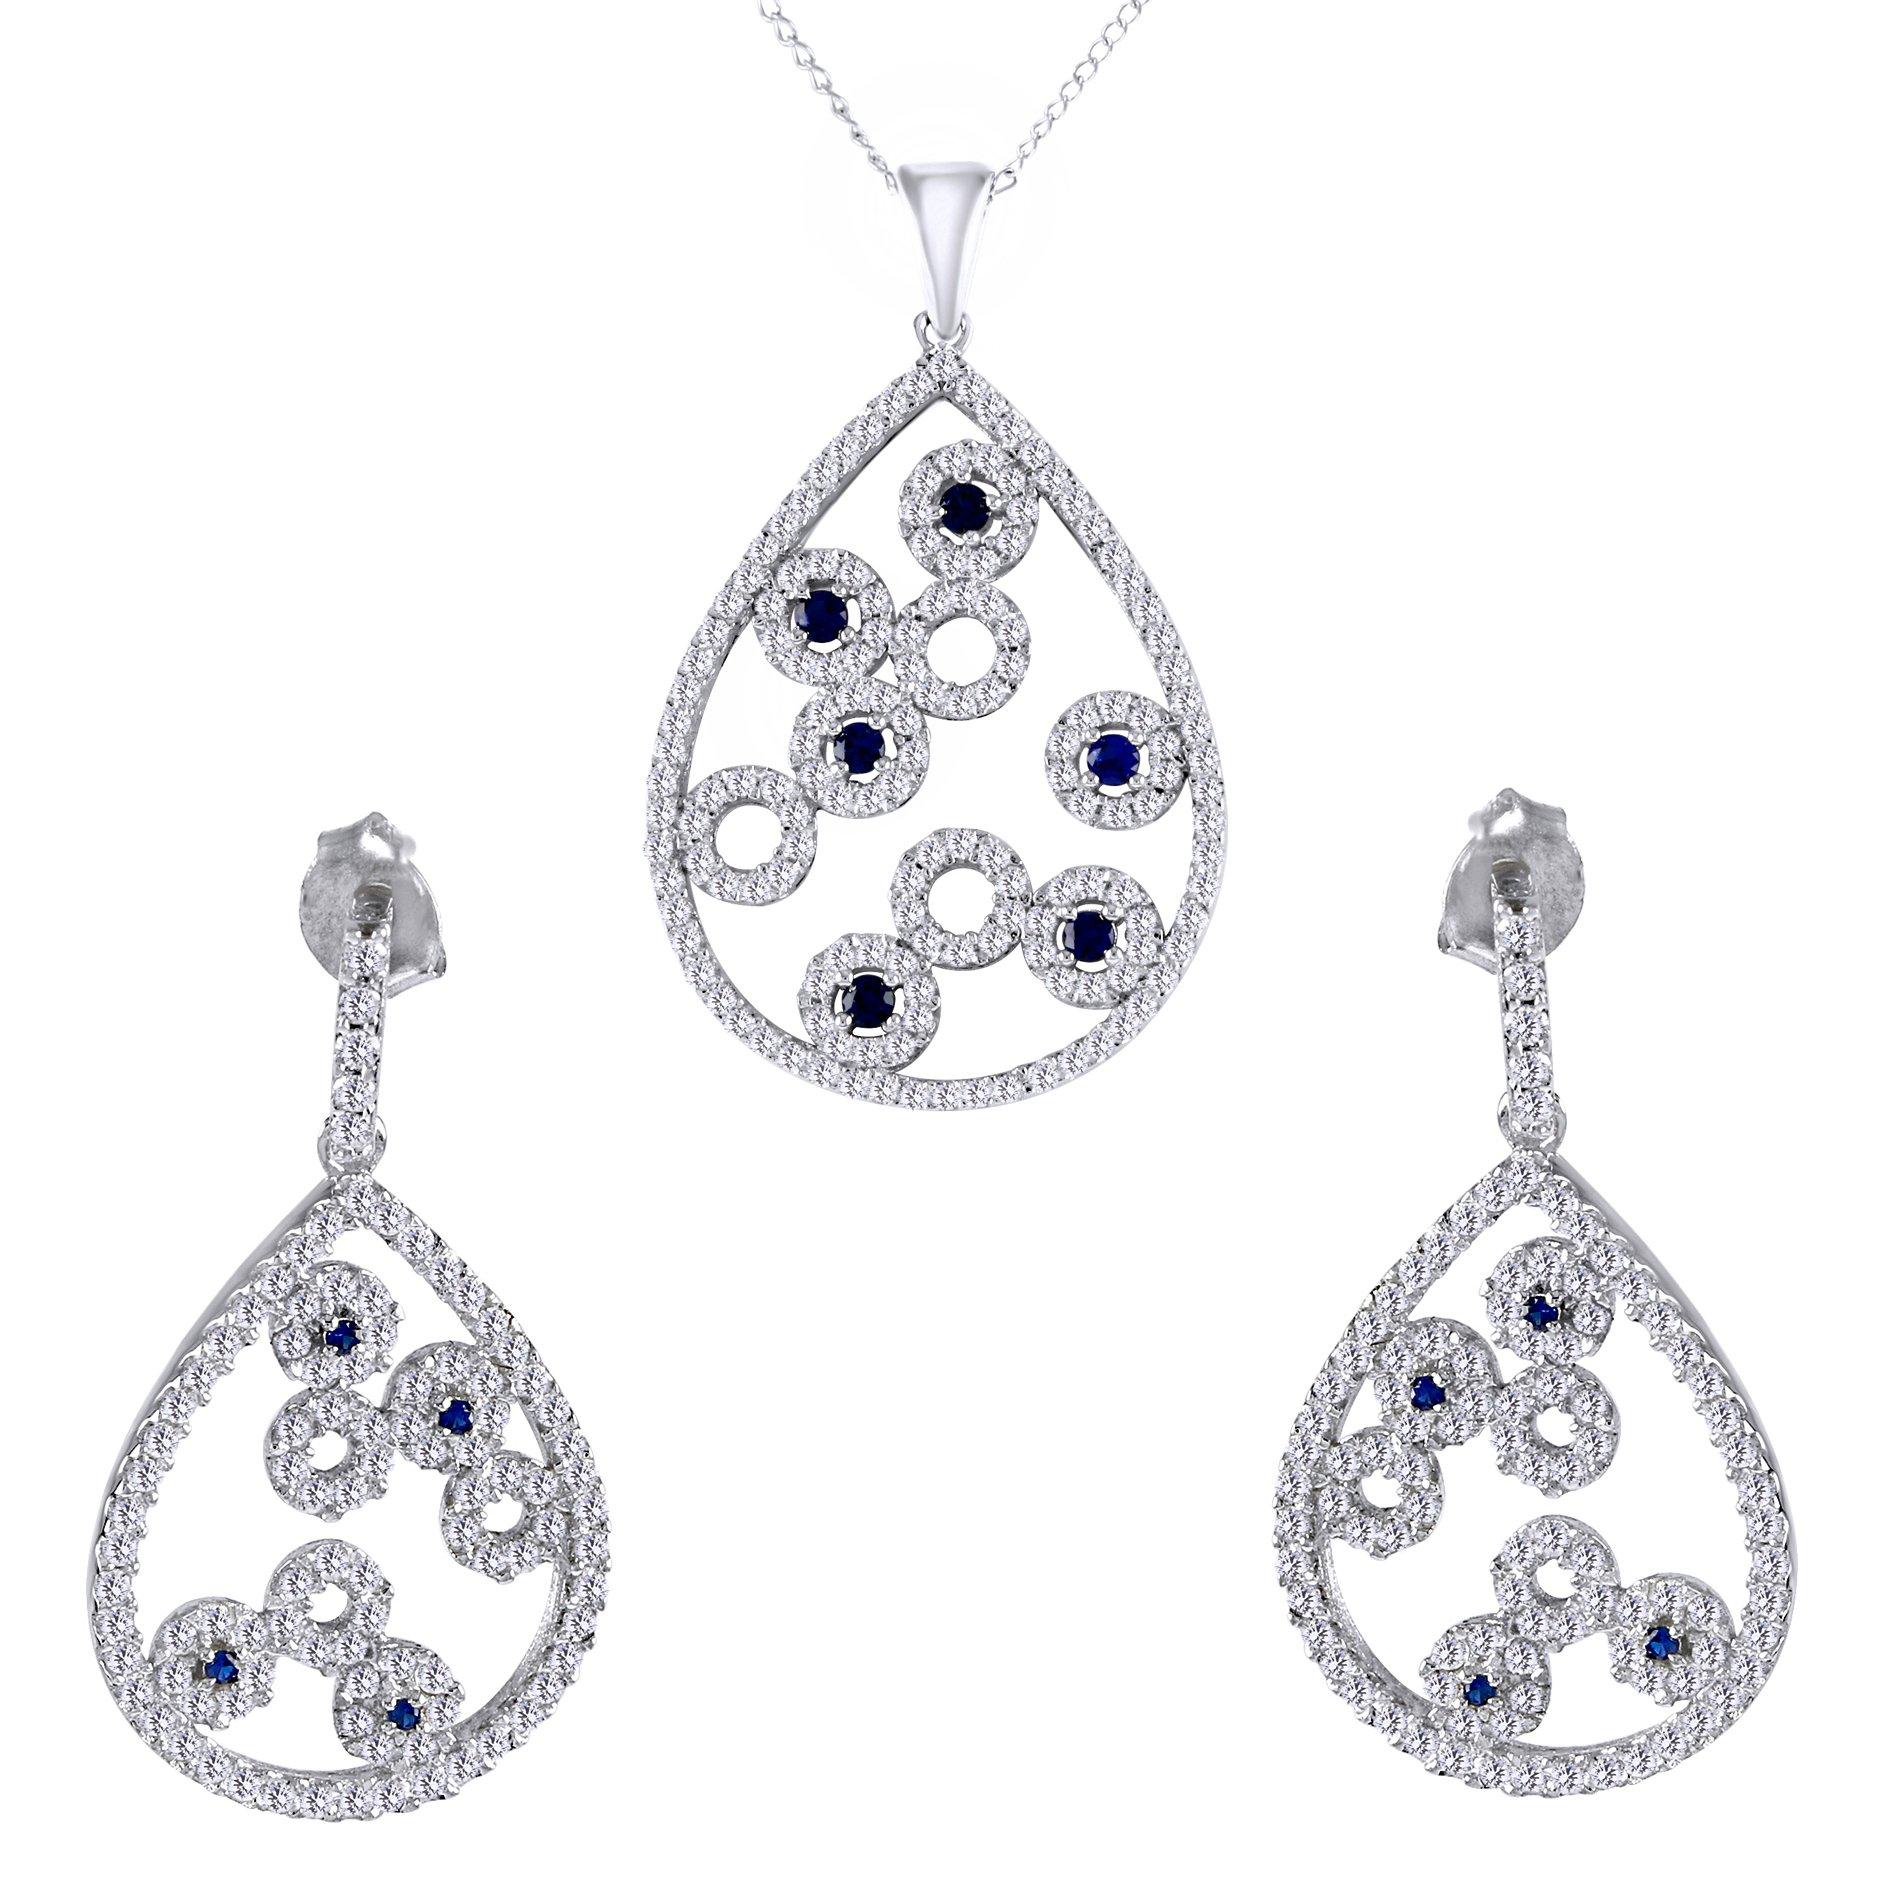 Vintage Style Teardrop Contour Earrings Pendant Set In 925 Sterling Silver By Jewel Zone US by Jewel Zone US